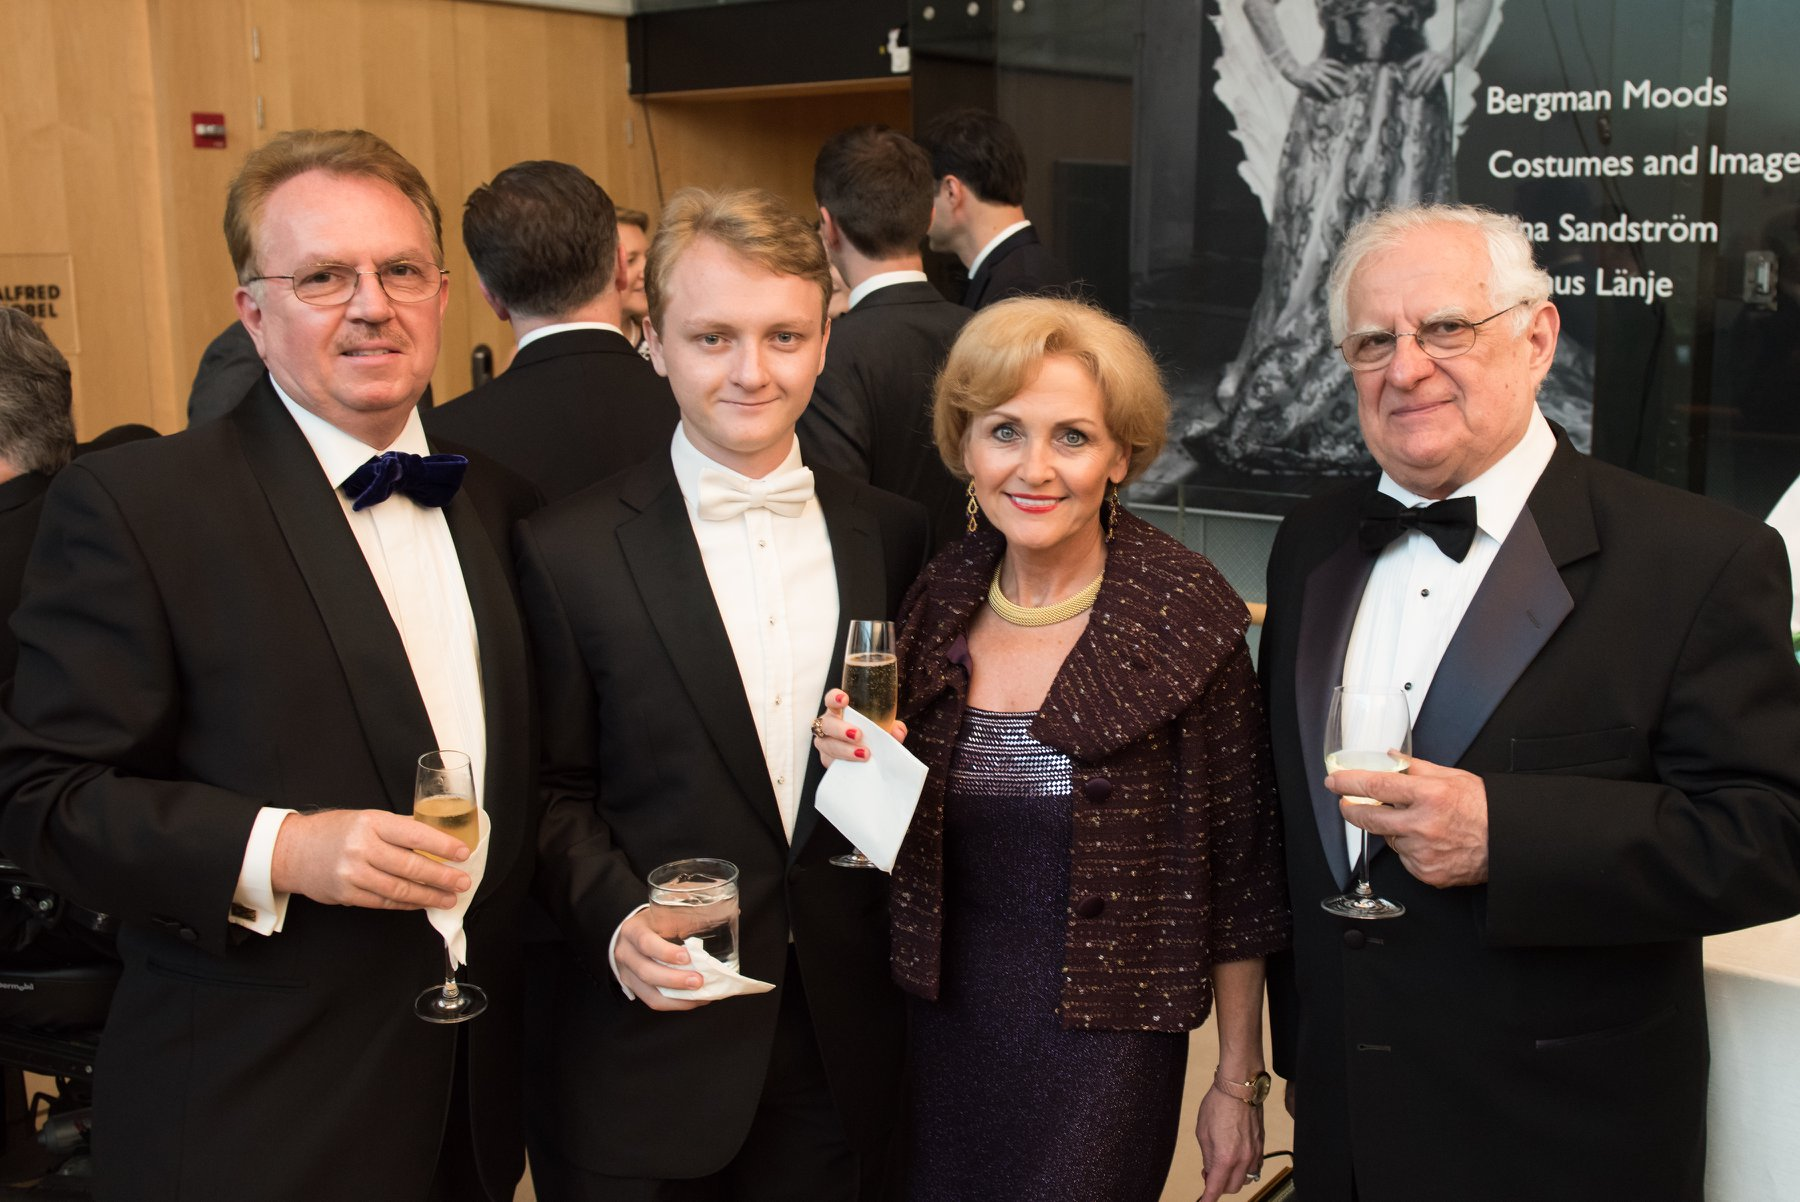 Attila Beres, Adam Beres, Dr. Susan Pekarovics, Ambassadors of the Future, with Zsolt Szekeres